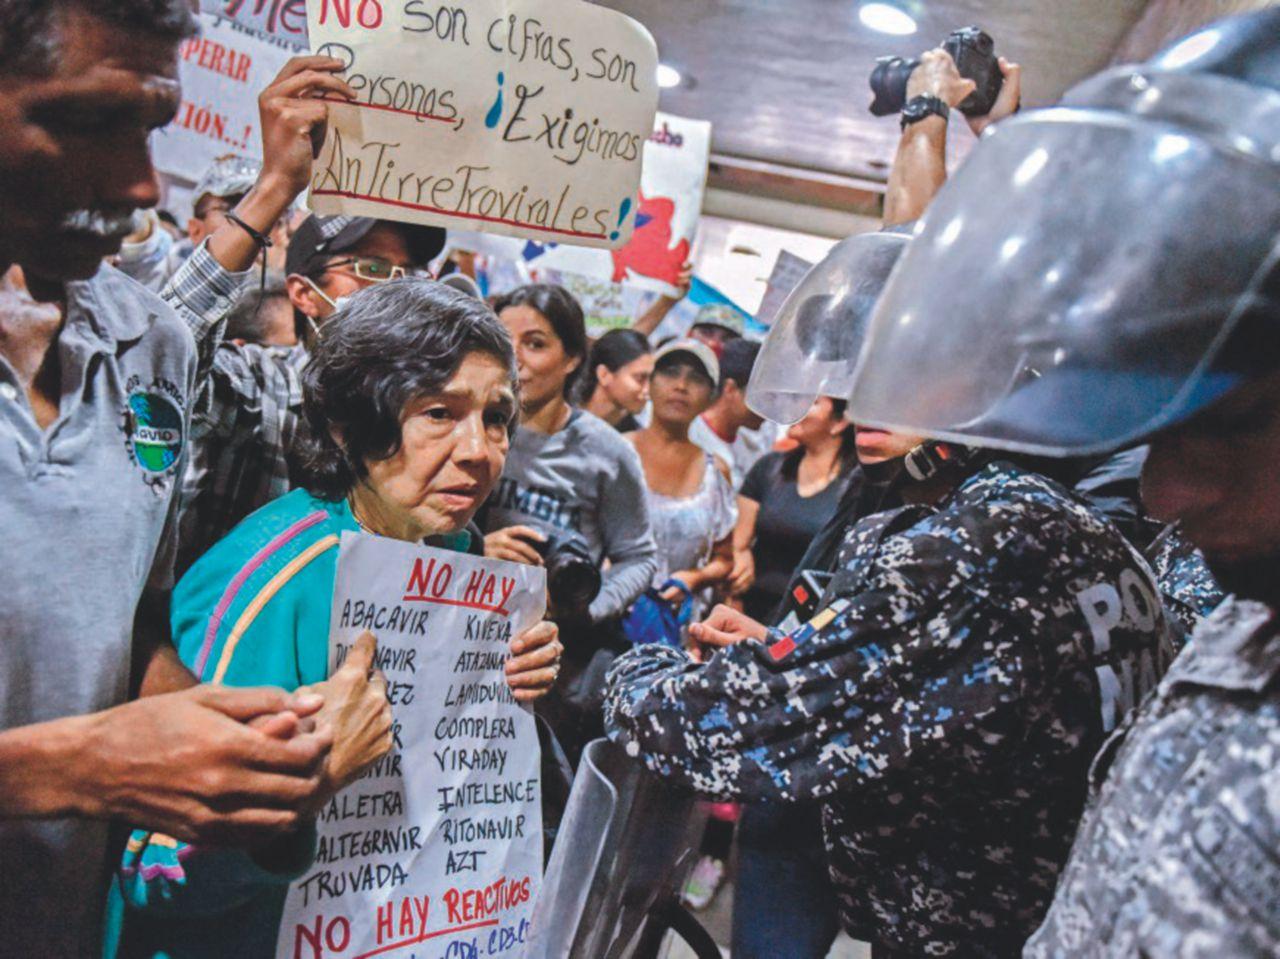 Al voto, fra rivolte in carcere e manganellate